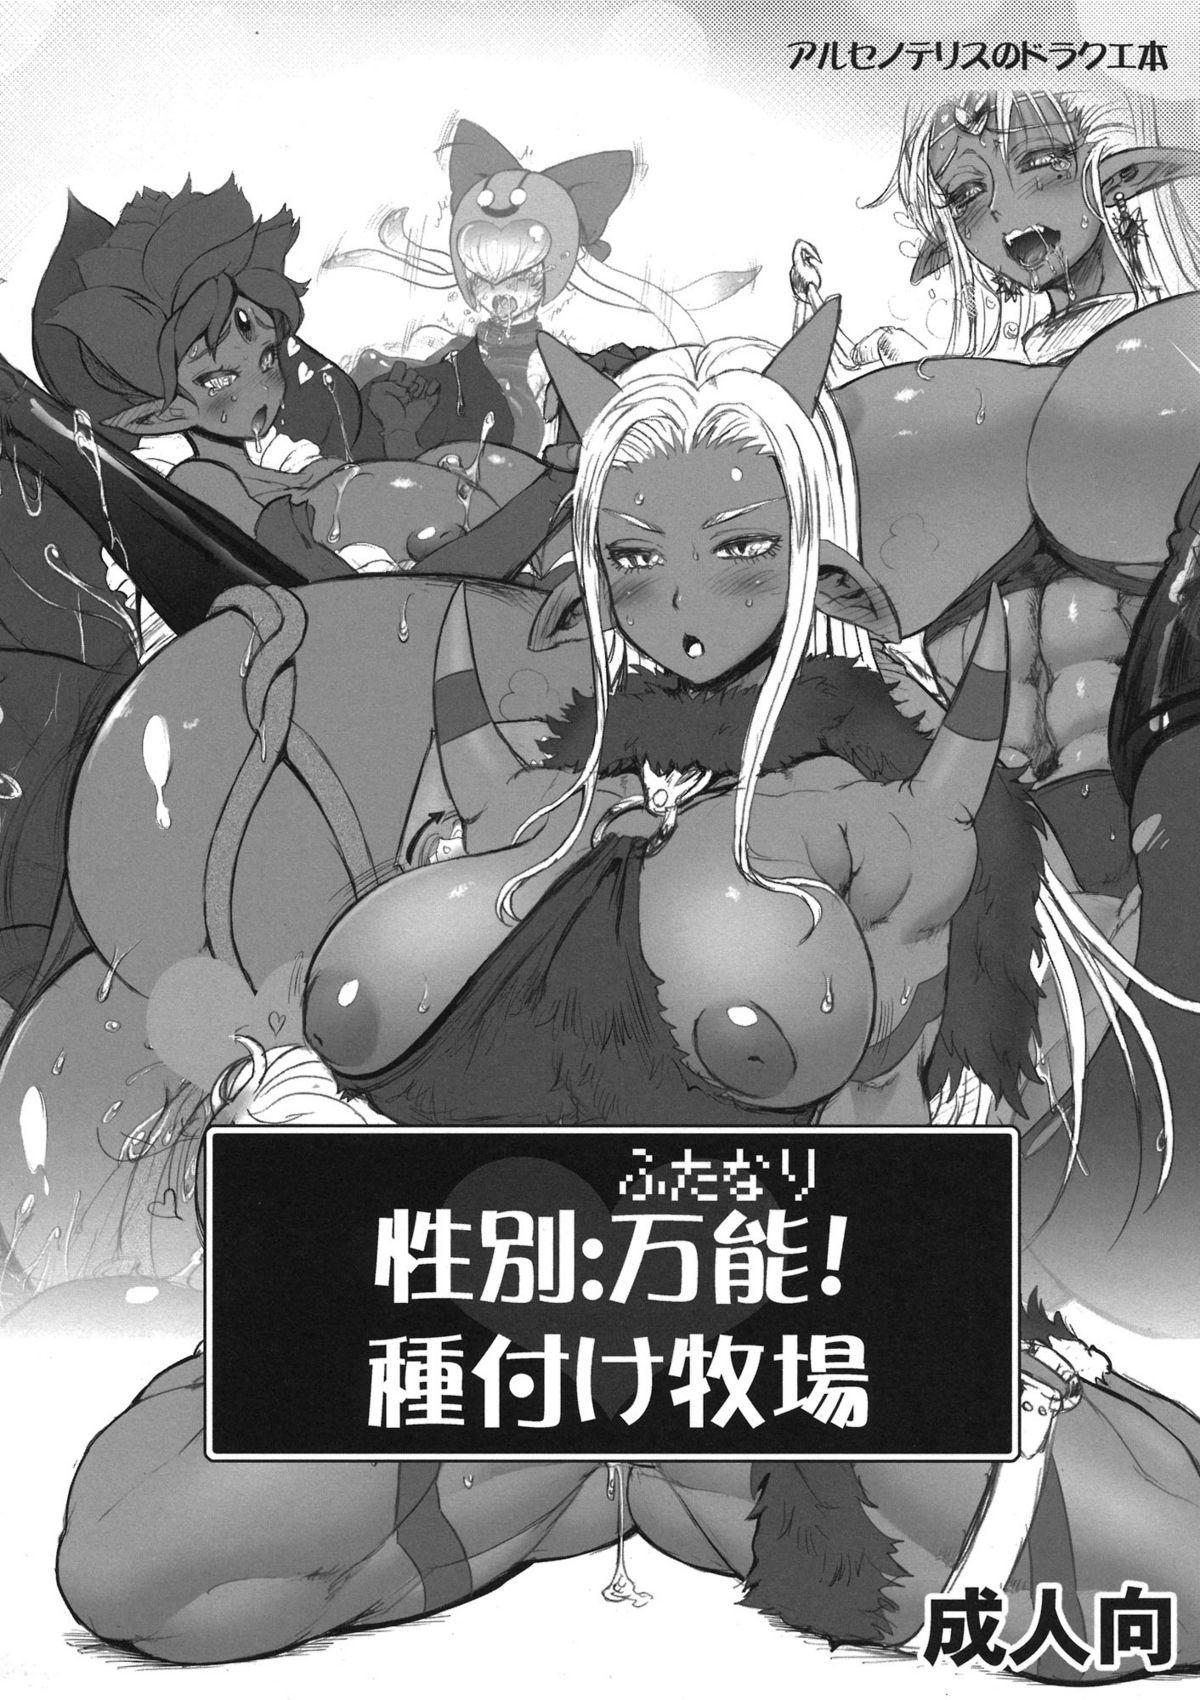 Seibetsu: Futanari! Tanezuke Bokujou 0